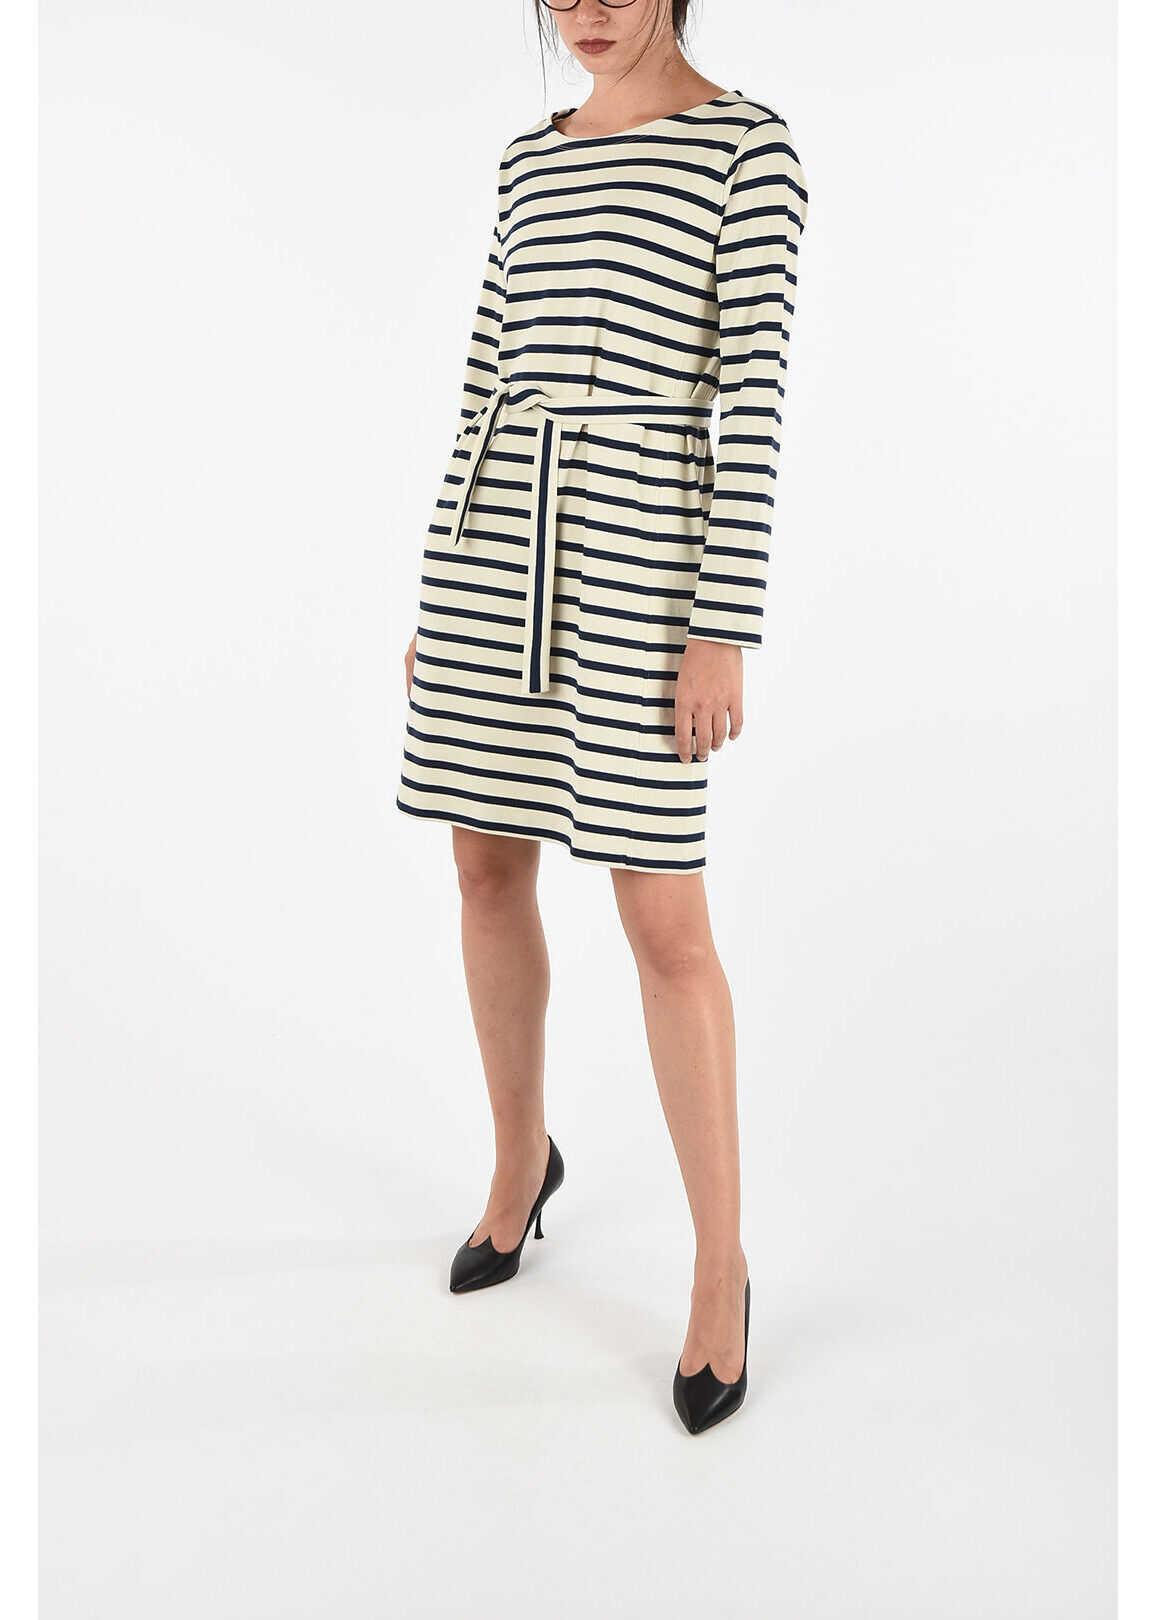 A.P.C. Striped Tunic Dress MULTICOLOR